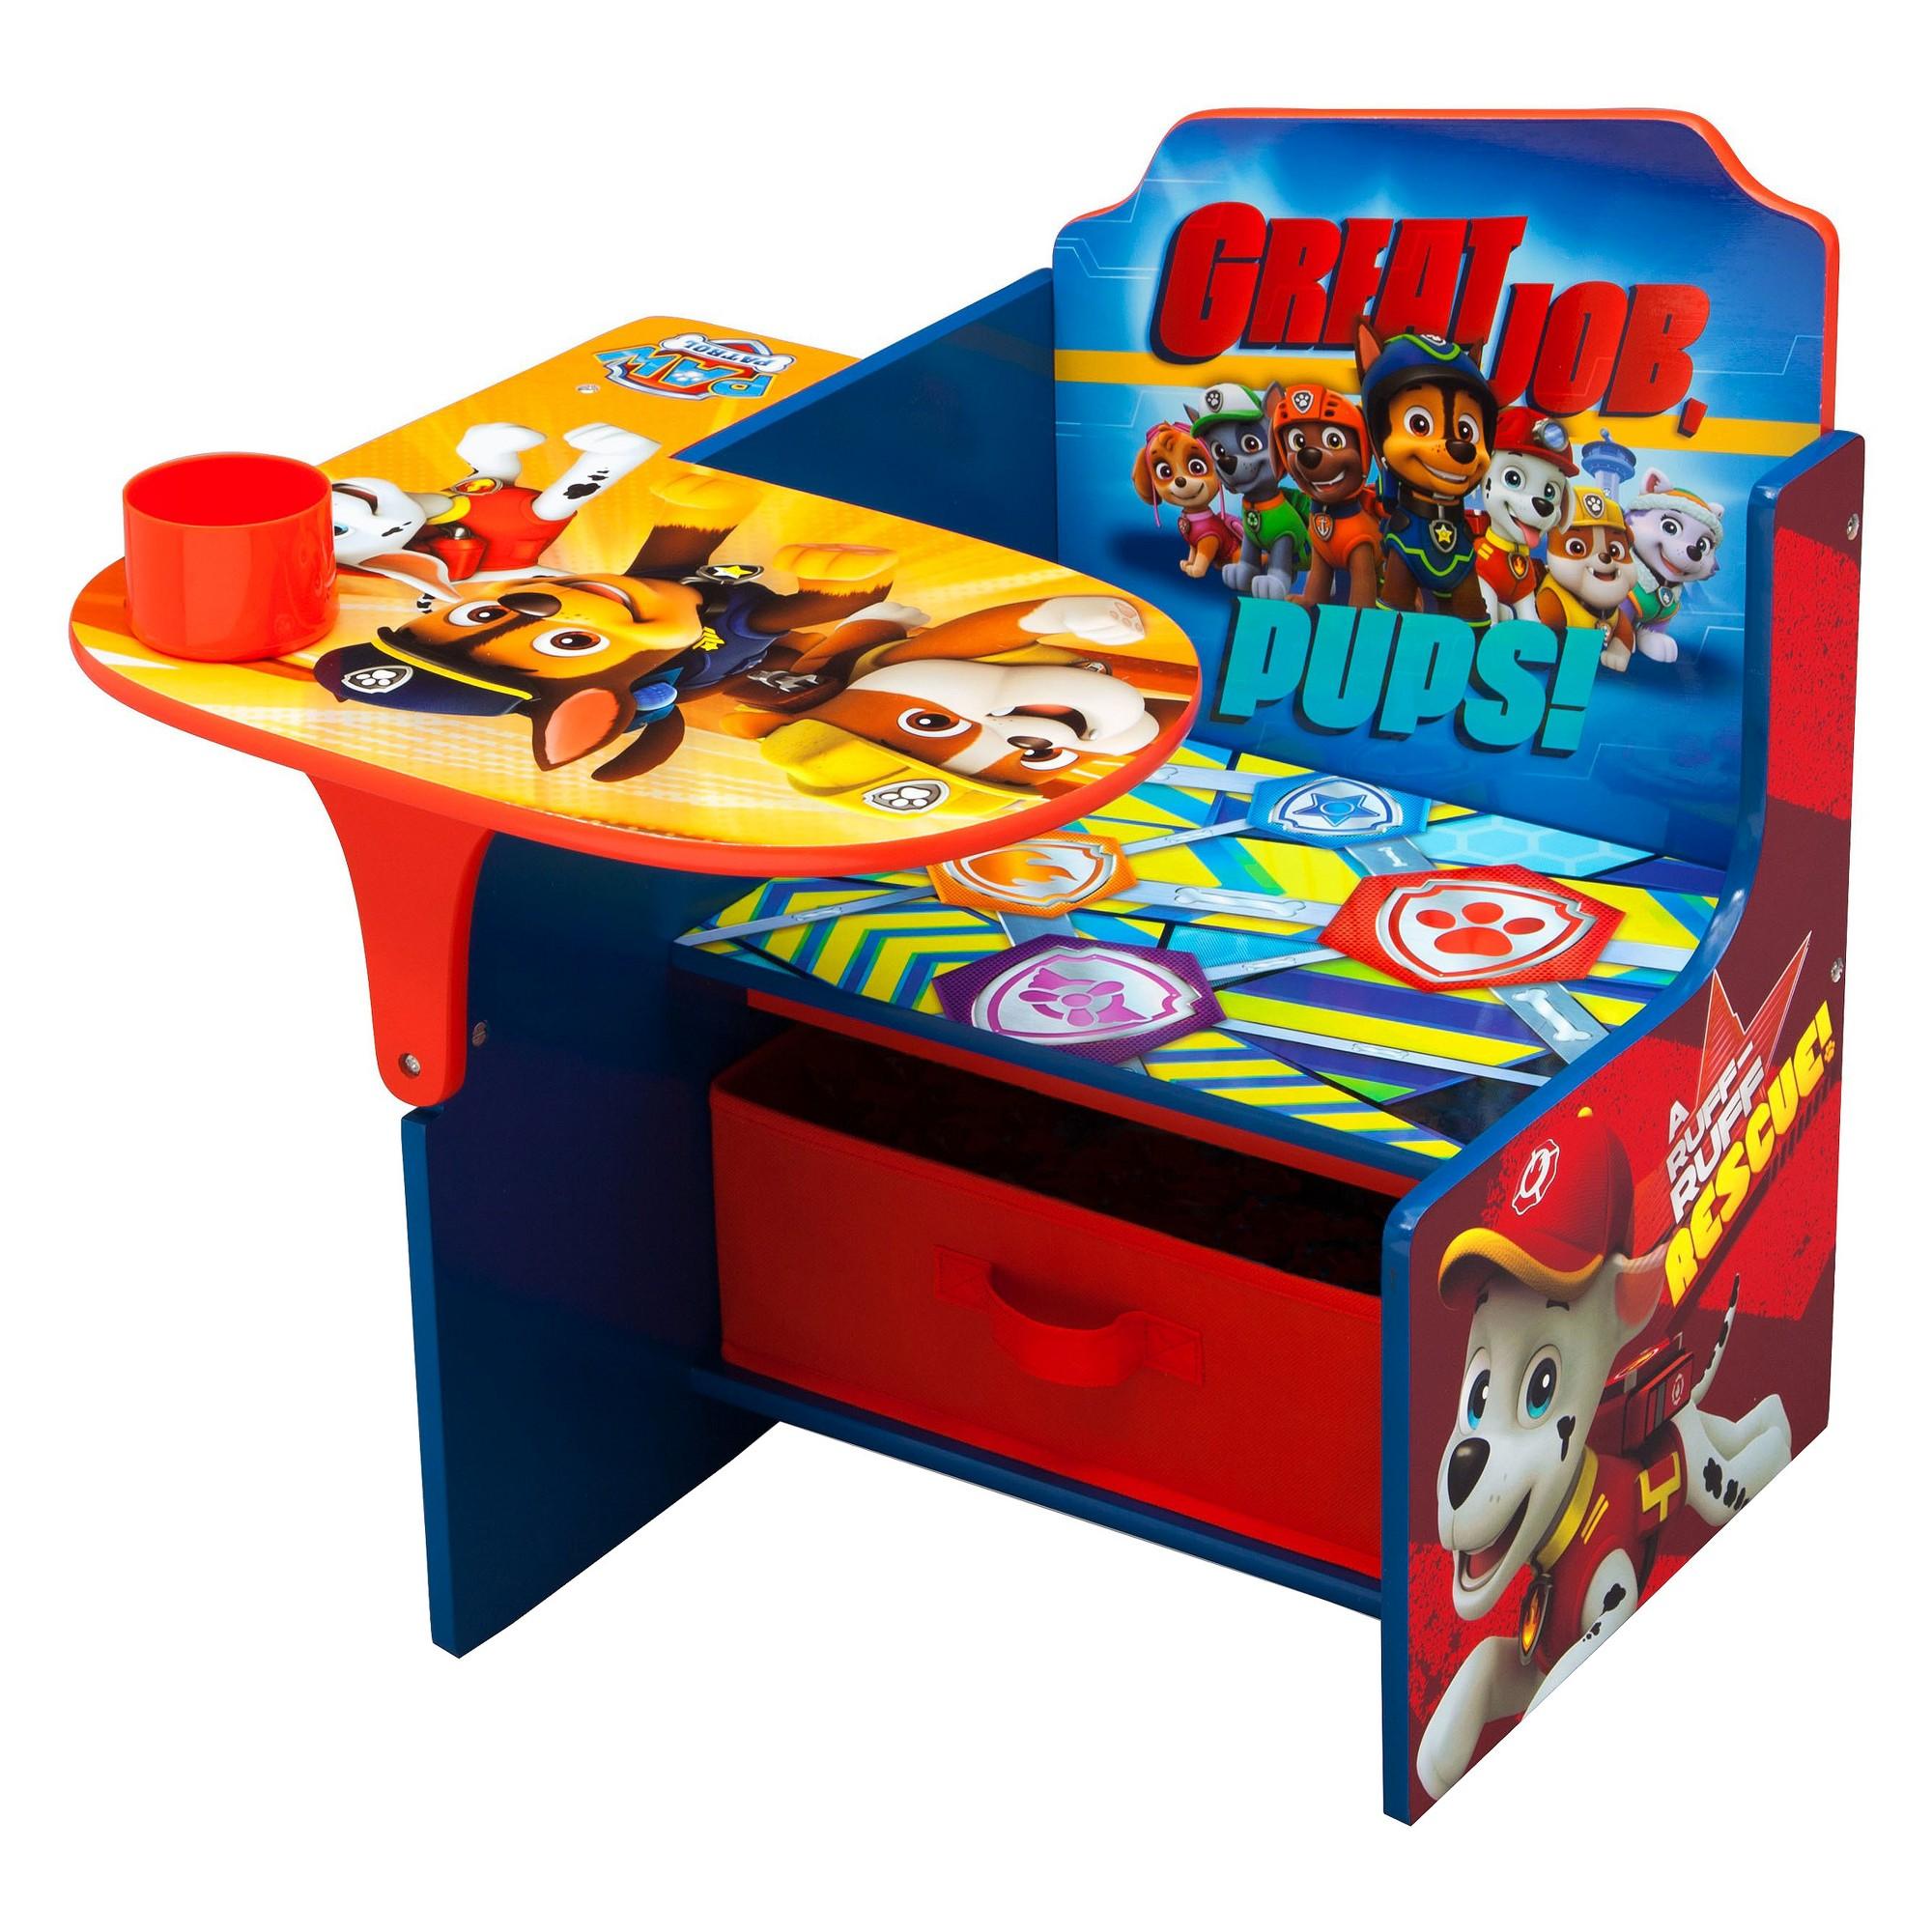 Nick Jr Paw Patrol Chair Desk With Storage Bin